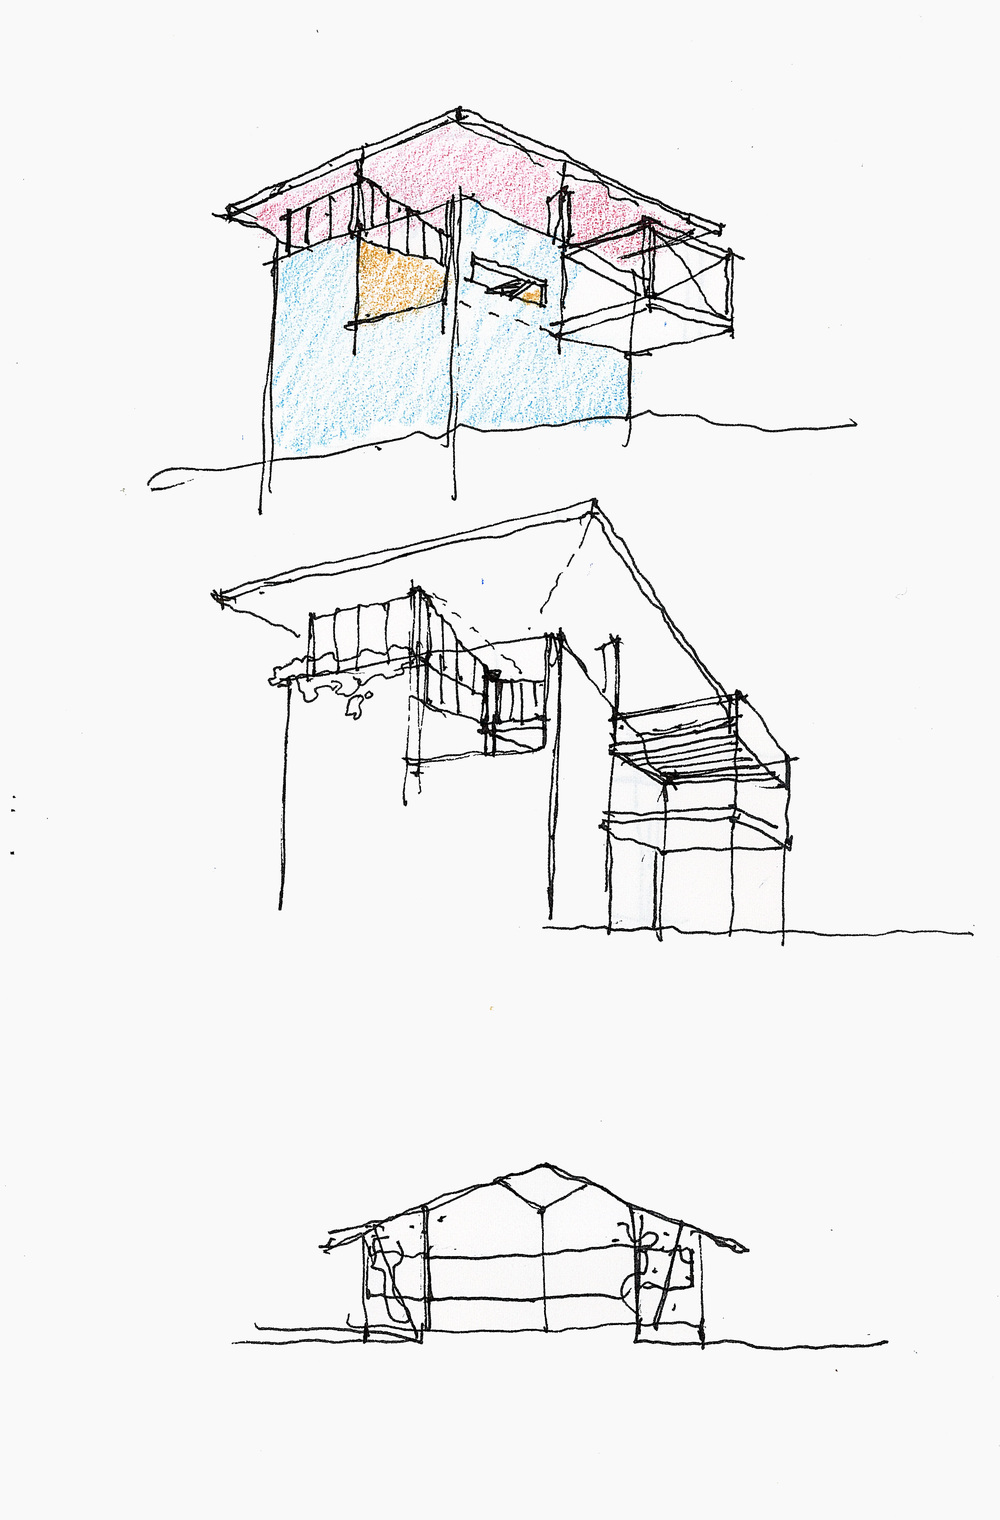 sketch edit 1_s2.jpg